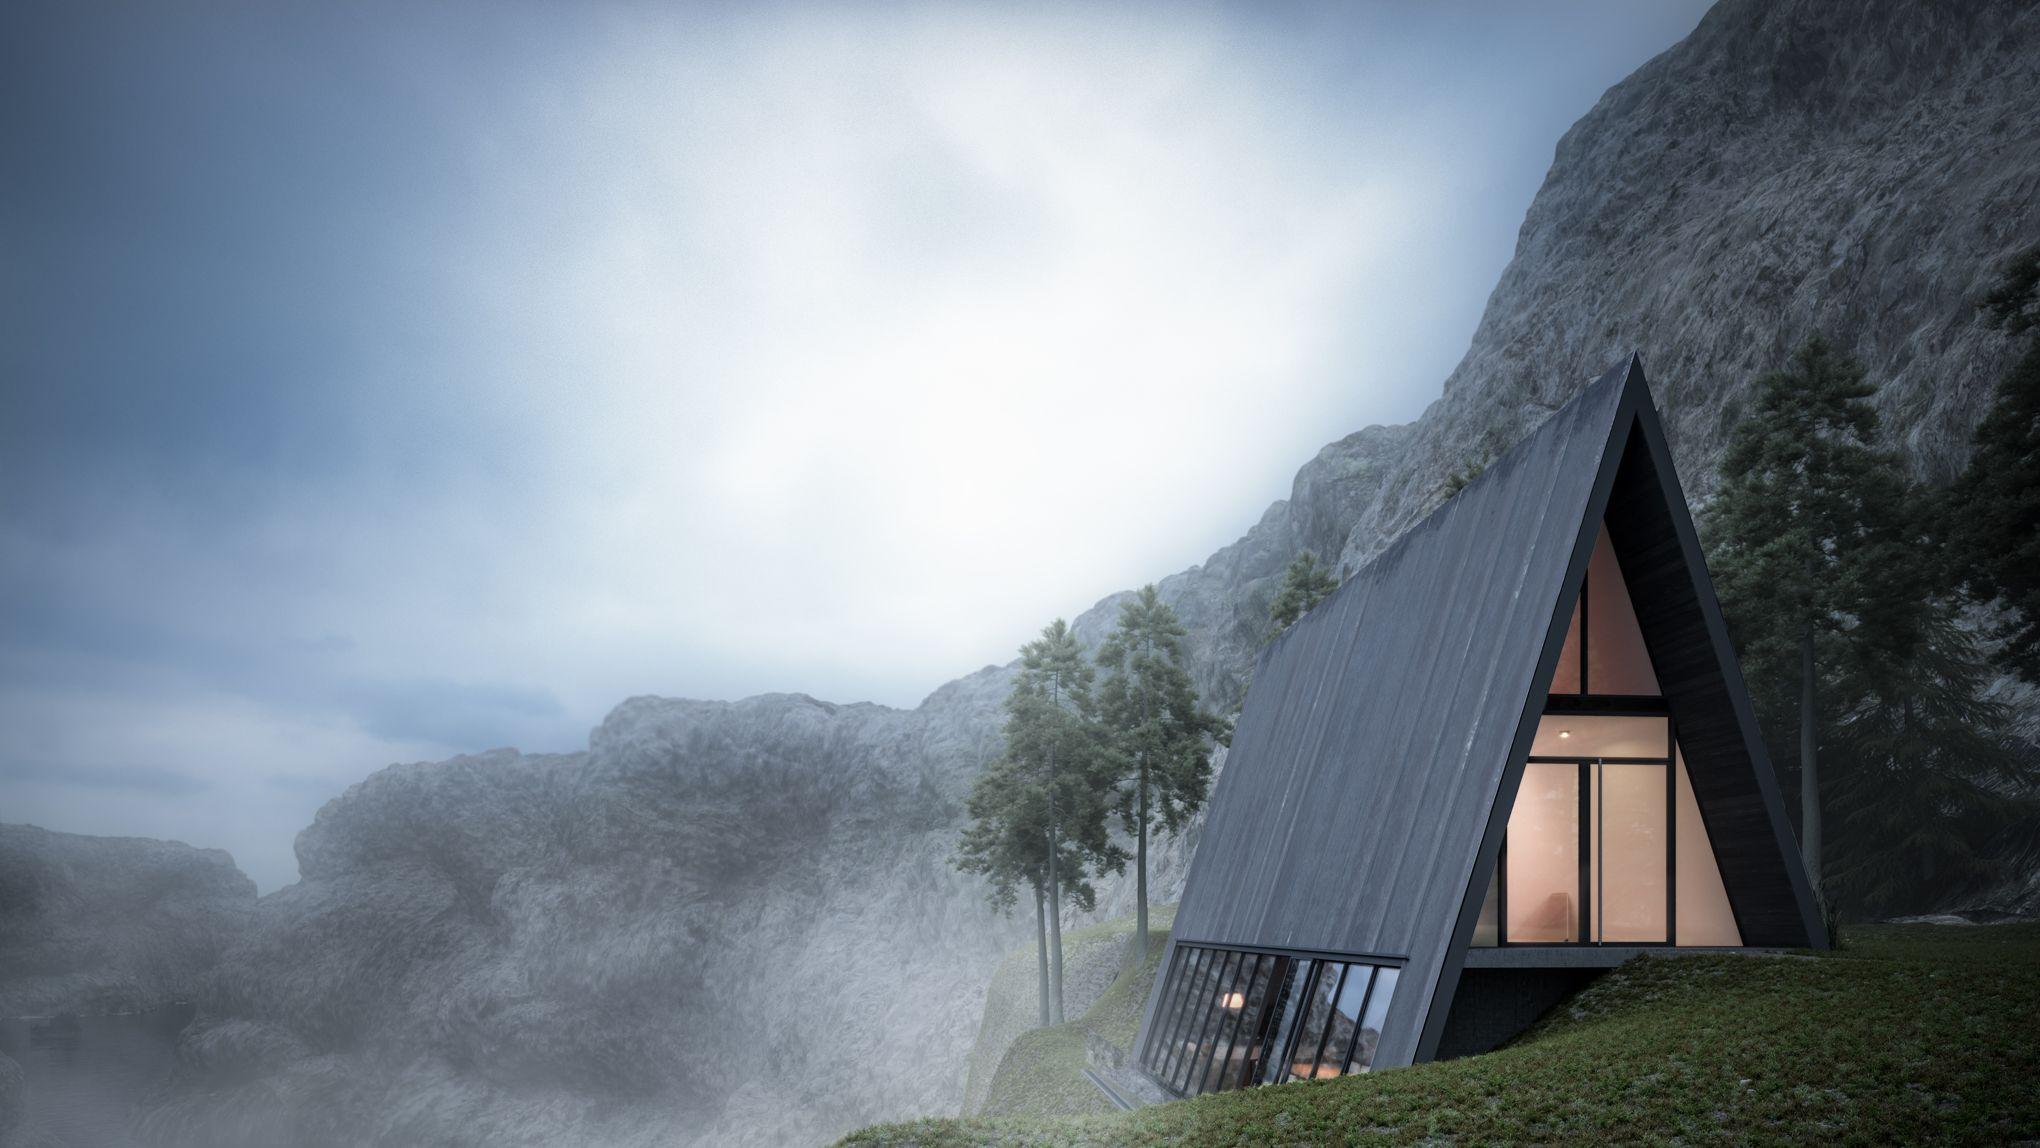 Une maison triangulaire en verre au bord d 39 une falaise - Le verre maison ...